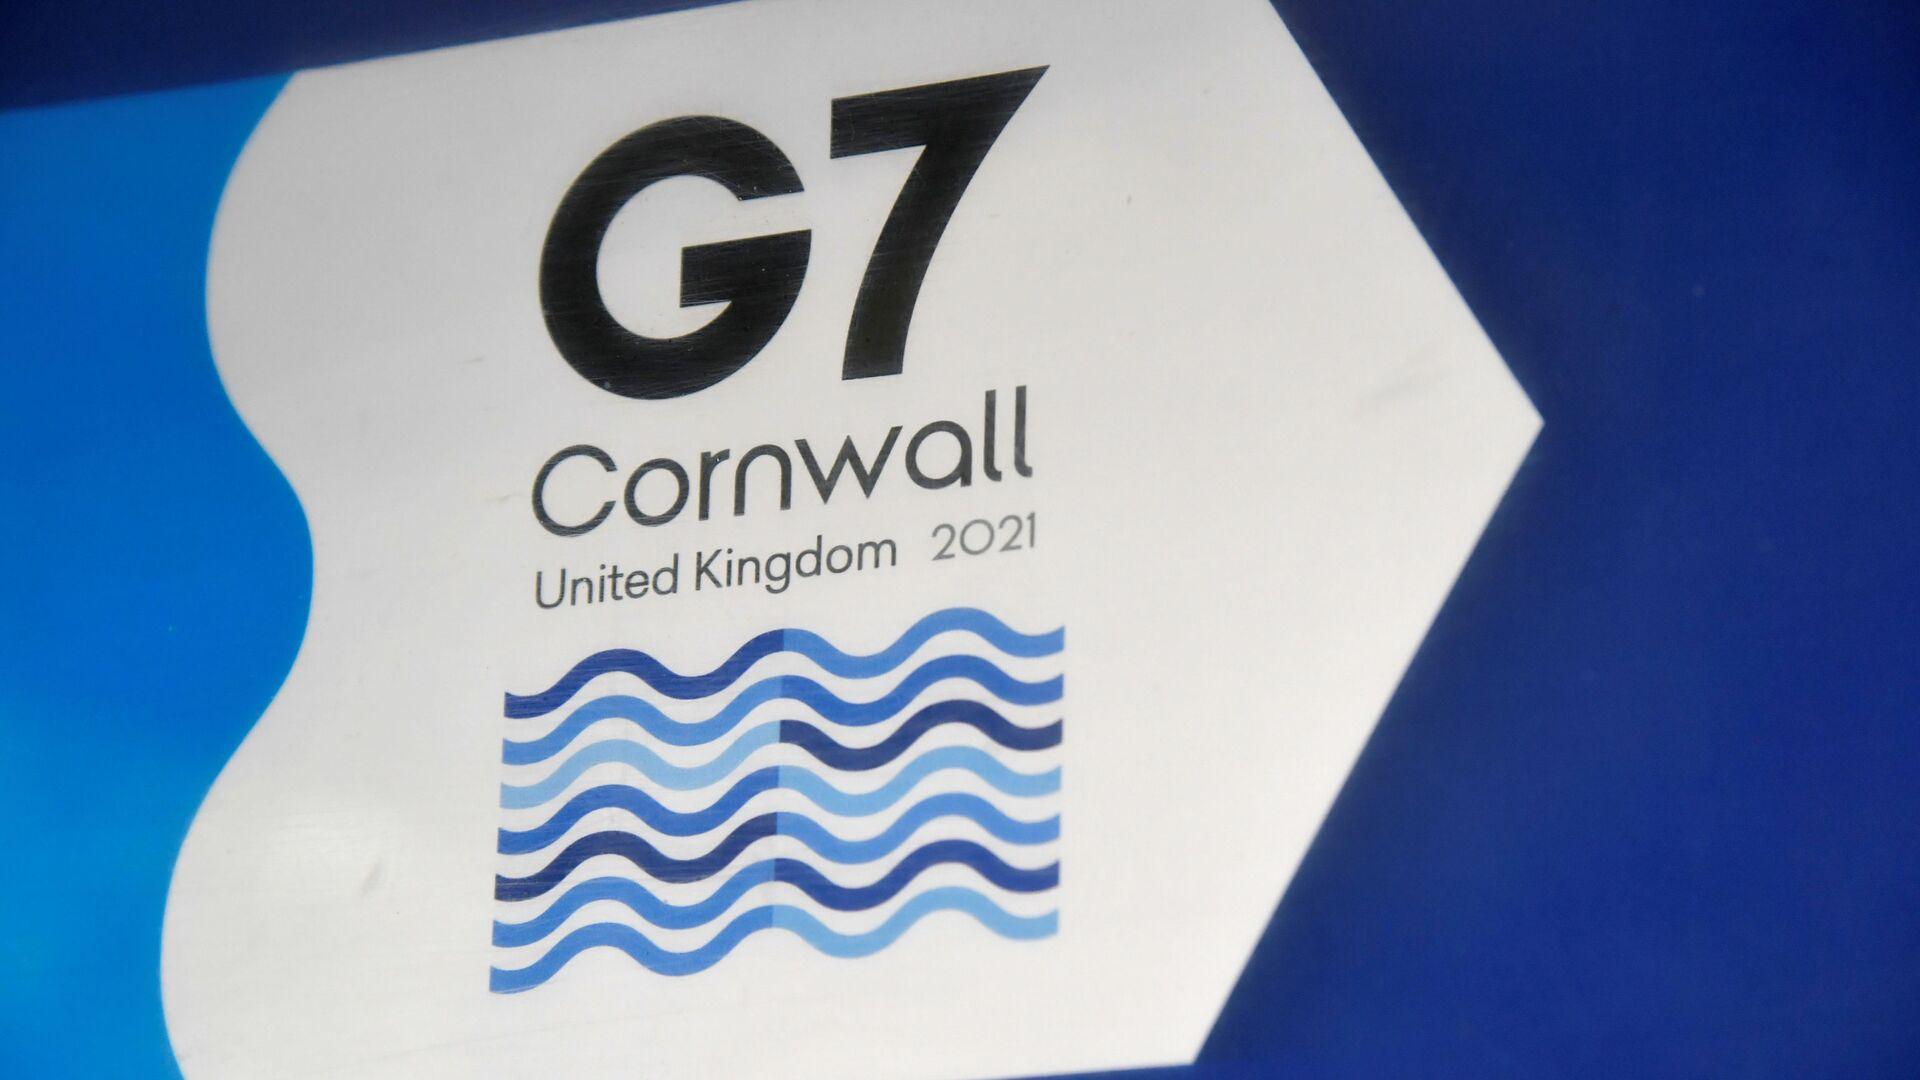 Global tax, l'accordo storico di Londra: il G7 tassa le multinazionali